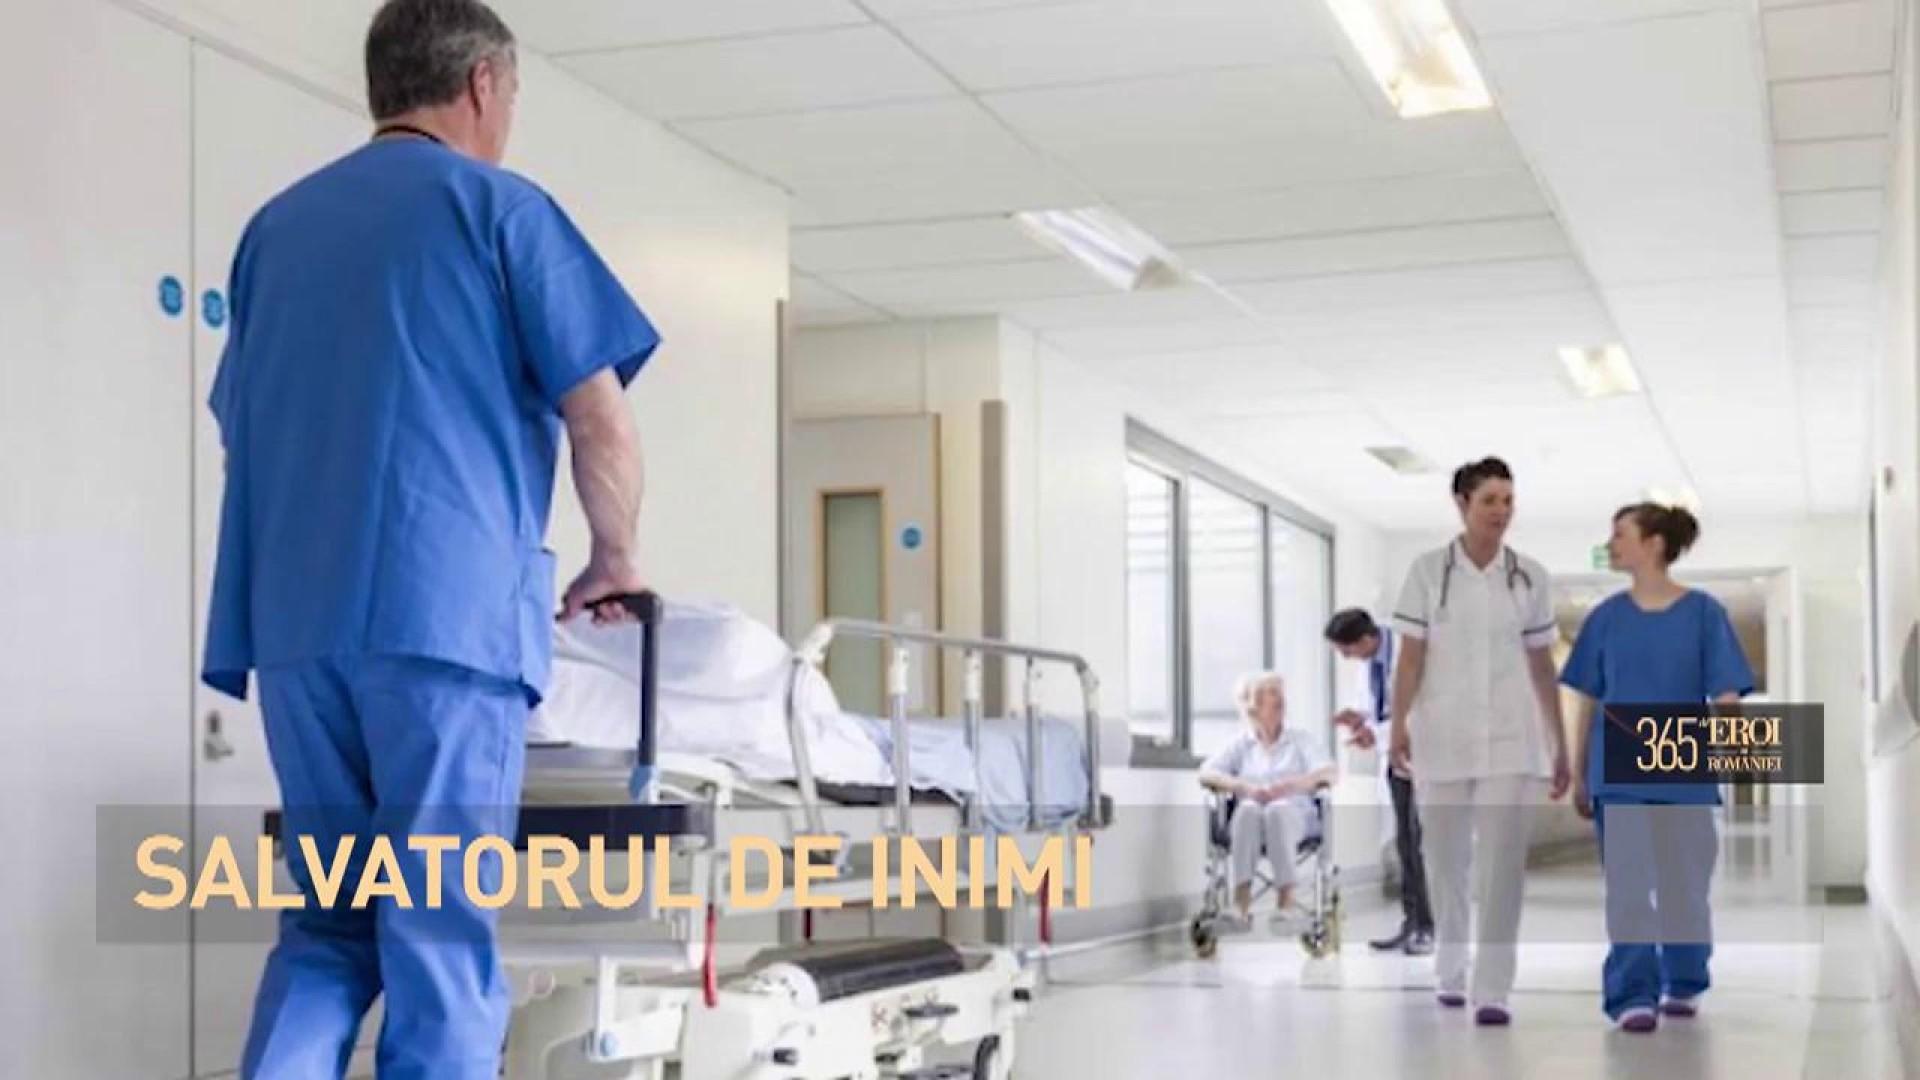 """365 de eroi ai României. Doctorul Horațiu Moldovan, salvatorul de inimi: """"O intervenție pe cord deschis reprezintă întâlnirea a două destine"""""""